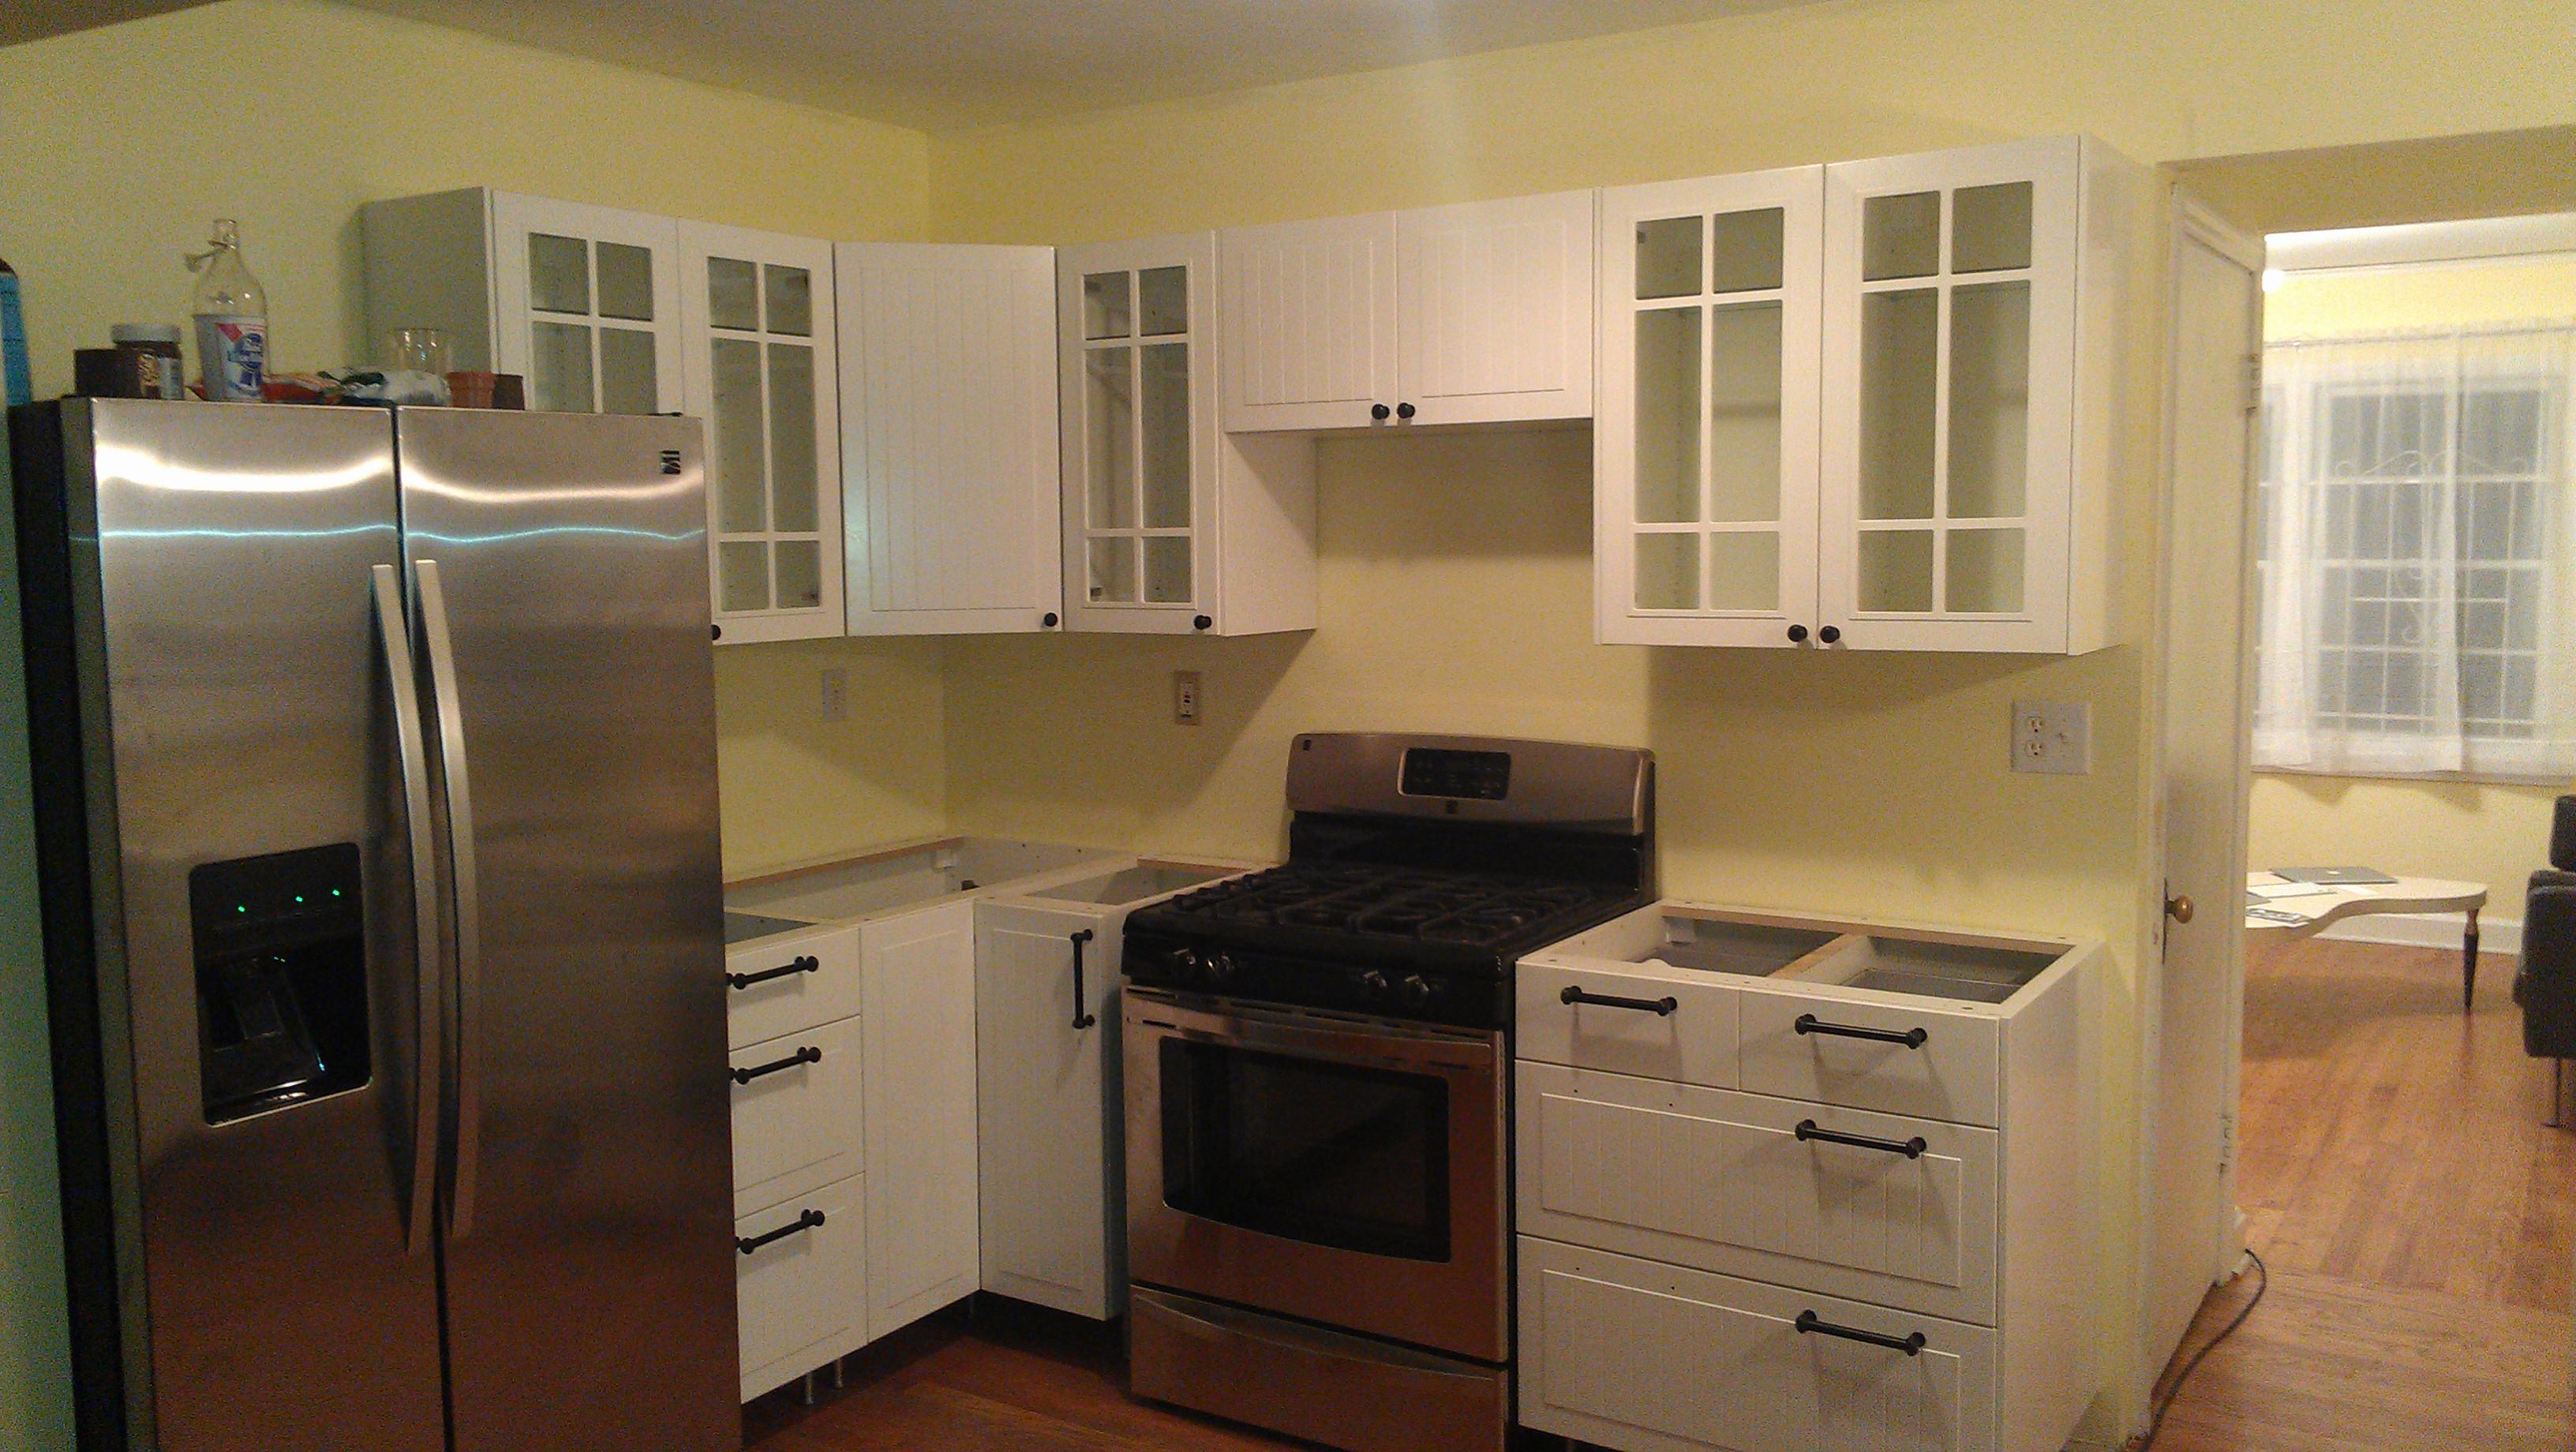 Ikea Akurum Kitchen Cabinets Mccrossin Industries Inc Ikea Kitchen Installation Atlanta Ga